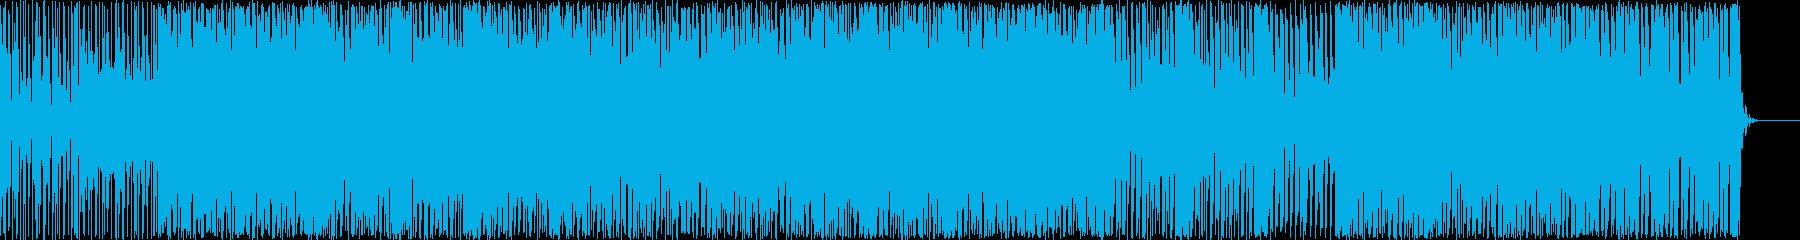 リズミカルでおしゃれな感じのBGMの再生済みの波形